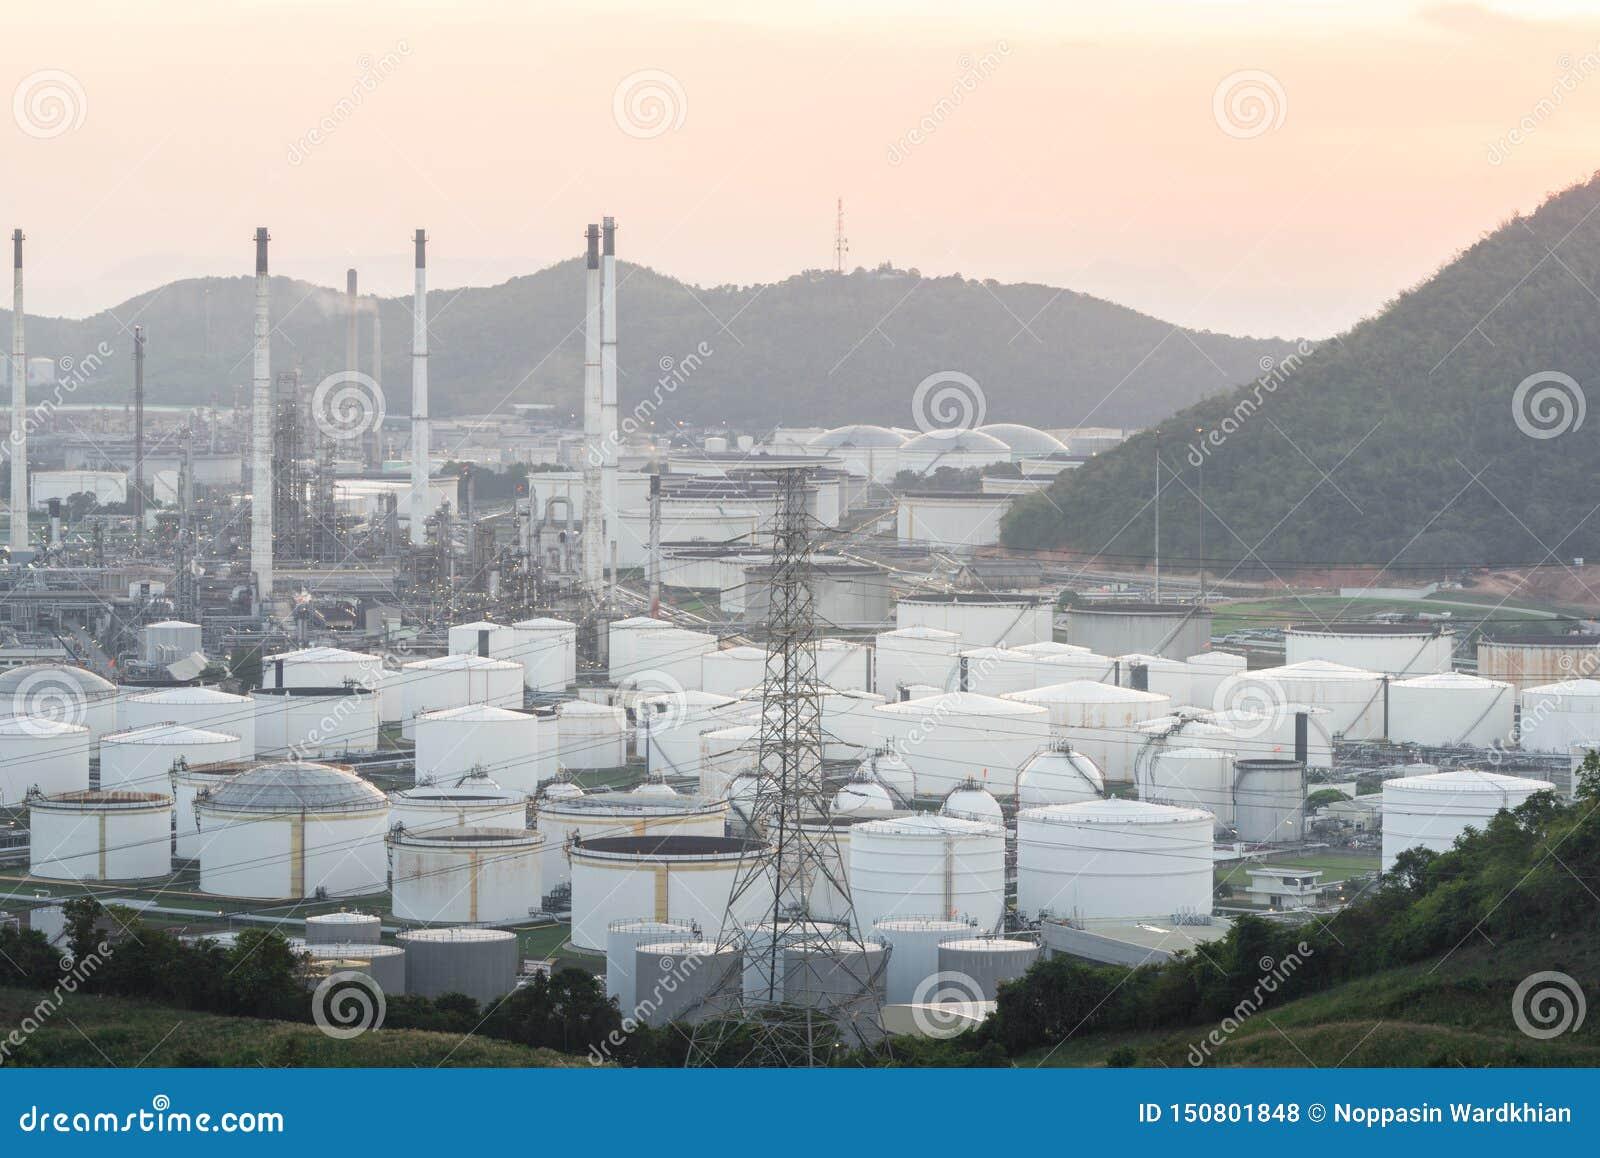 Feche acima da vista industrial na zona da ind?stria do formul?rio da planta de refinaria de petr?leo com nascer do sol e o c?u n